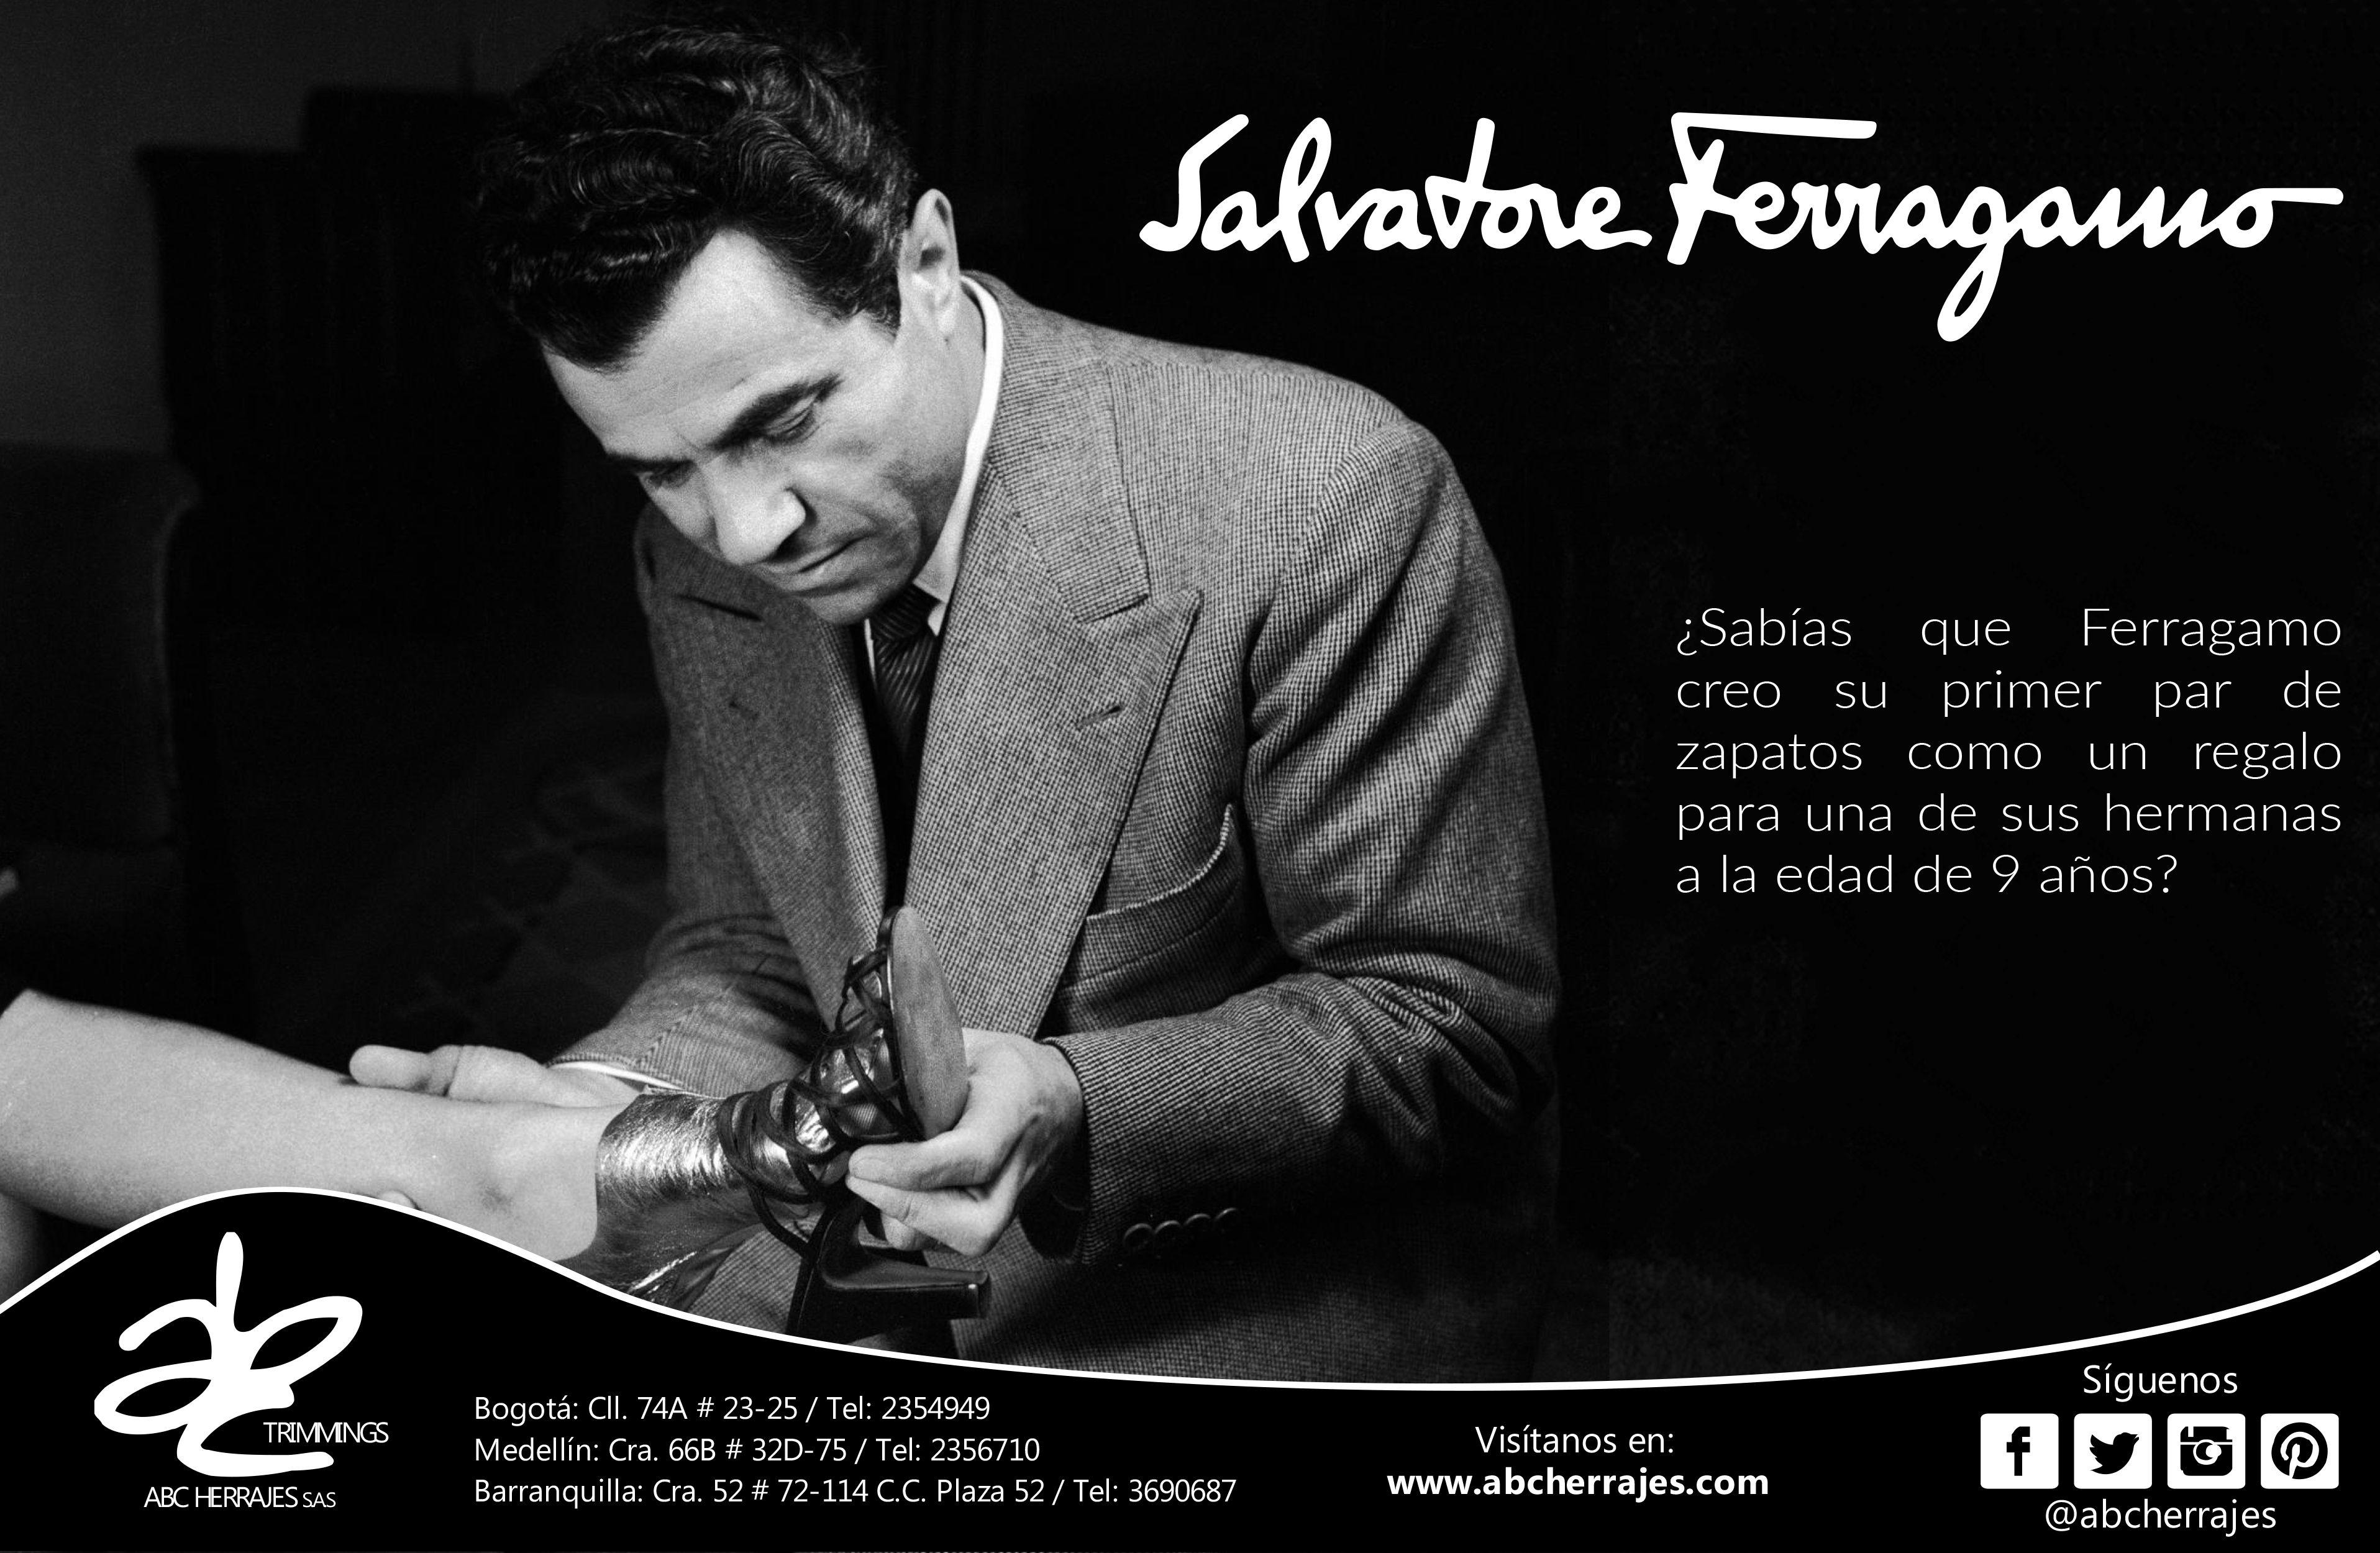 La marca Salvatore Ferragamo tiene el nombre del fundador de una de las casas de calzado mas prestigiosas a nivel mundial #SalvatoreFerragamo #ABCdesigners #ABCherrajes #Style #Designs #Luxury #Colombia   Nos puedes encontrar en:  Bogotá: Cll. 74A # 23-25 / Tel: 2354949 Medellín: Cra. 66B # 32D-75 / Tel: 2356710 Barranquilla: Cra. 52 # 72-114 C.C. Plaza 52 / Tel: 3690687  Visítanos en: www.abcherrajes.com Twitter: @abcherrajes  Instagram: @abcherrajes  Facebook:/abcherrajes